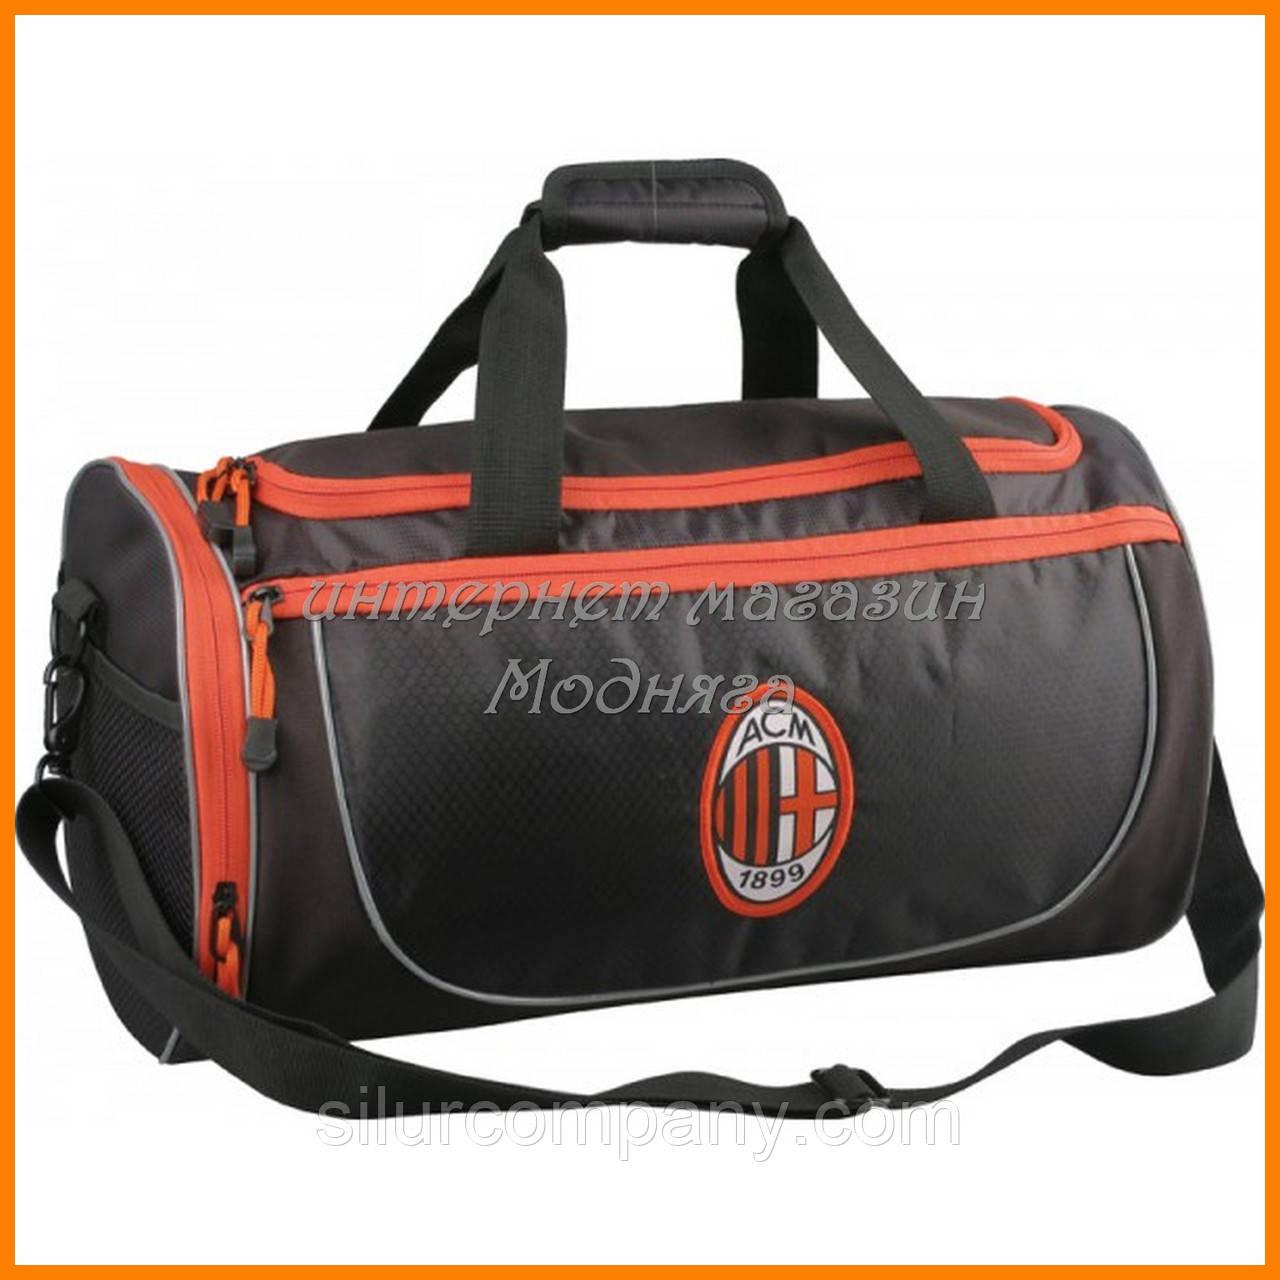 edd8bb8f88c9 Спортивные сумки мальчикам | Сумка спортивная KITE Milan 964 - Интернет  магазин